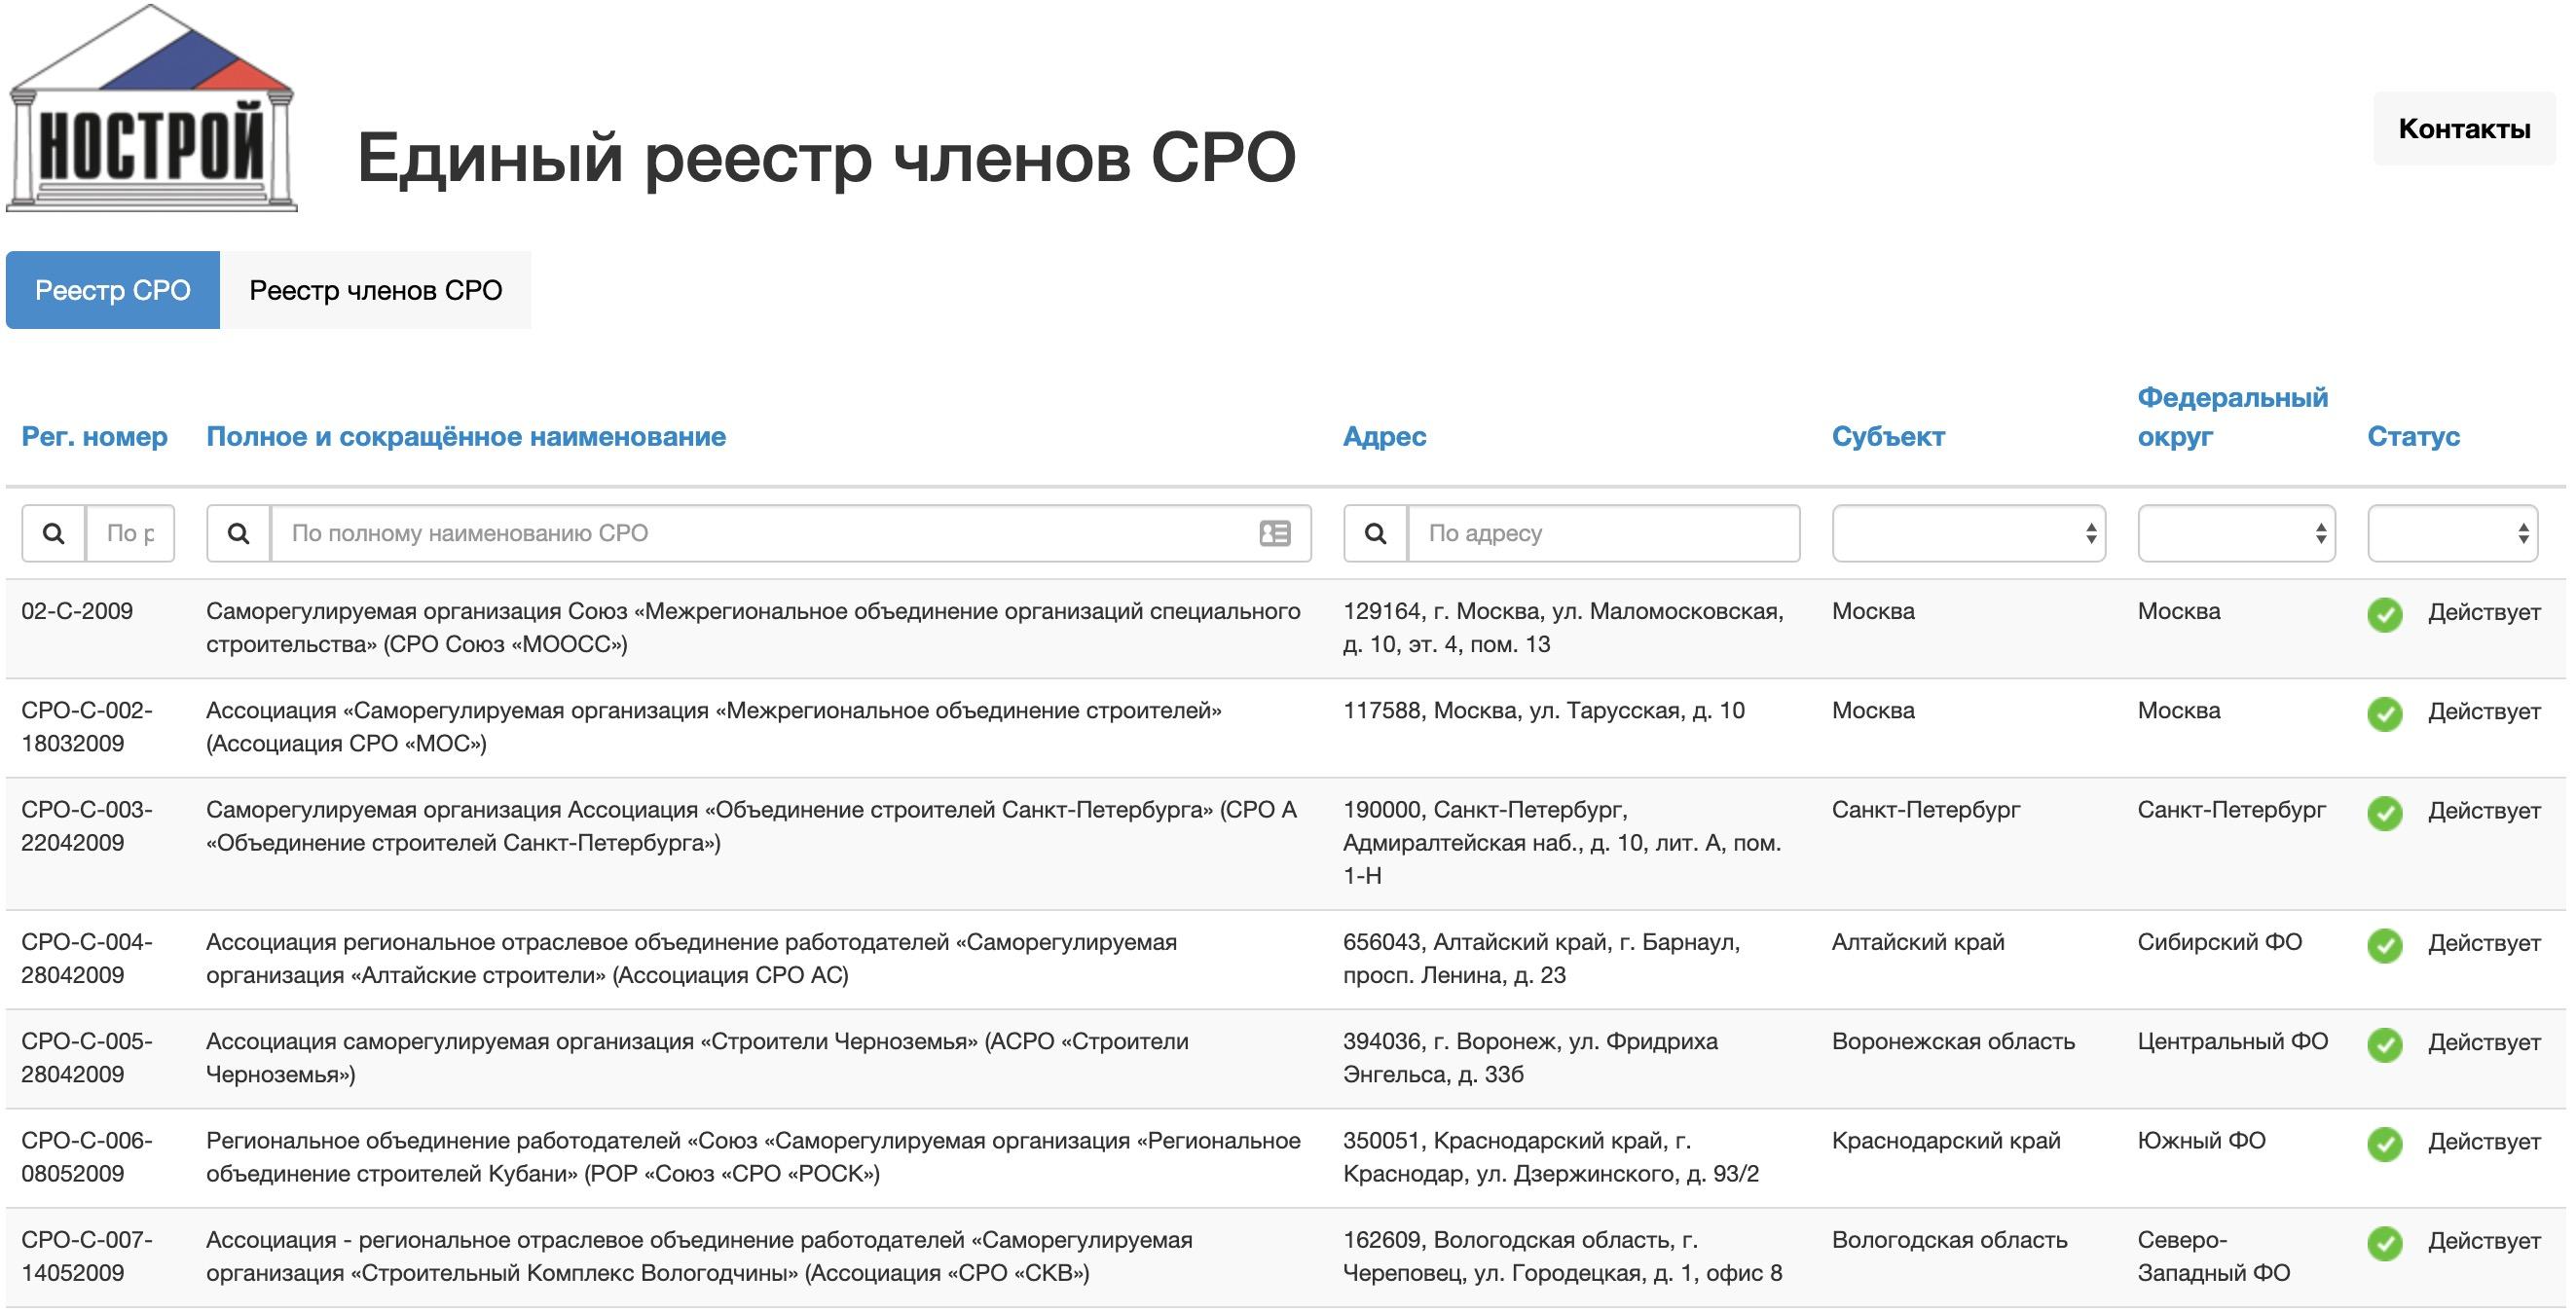 Единый реестр членов СРО